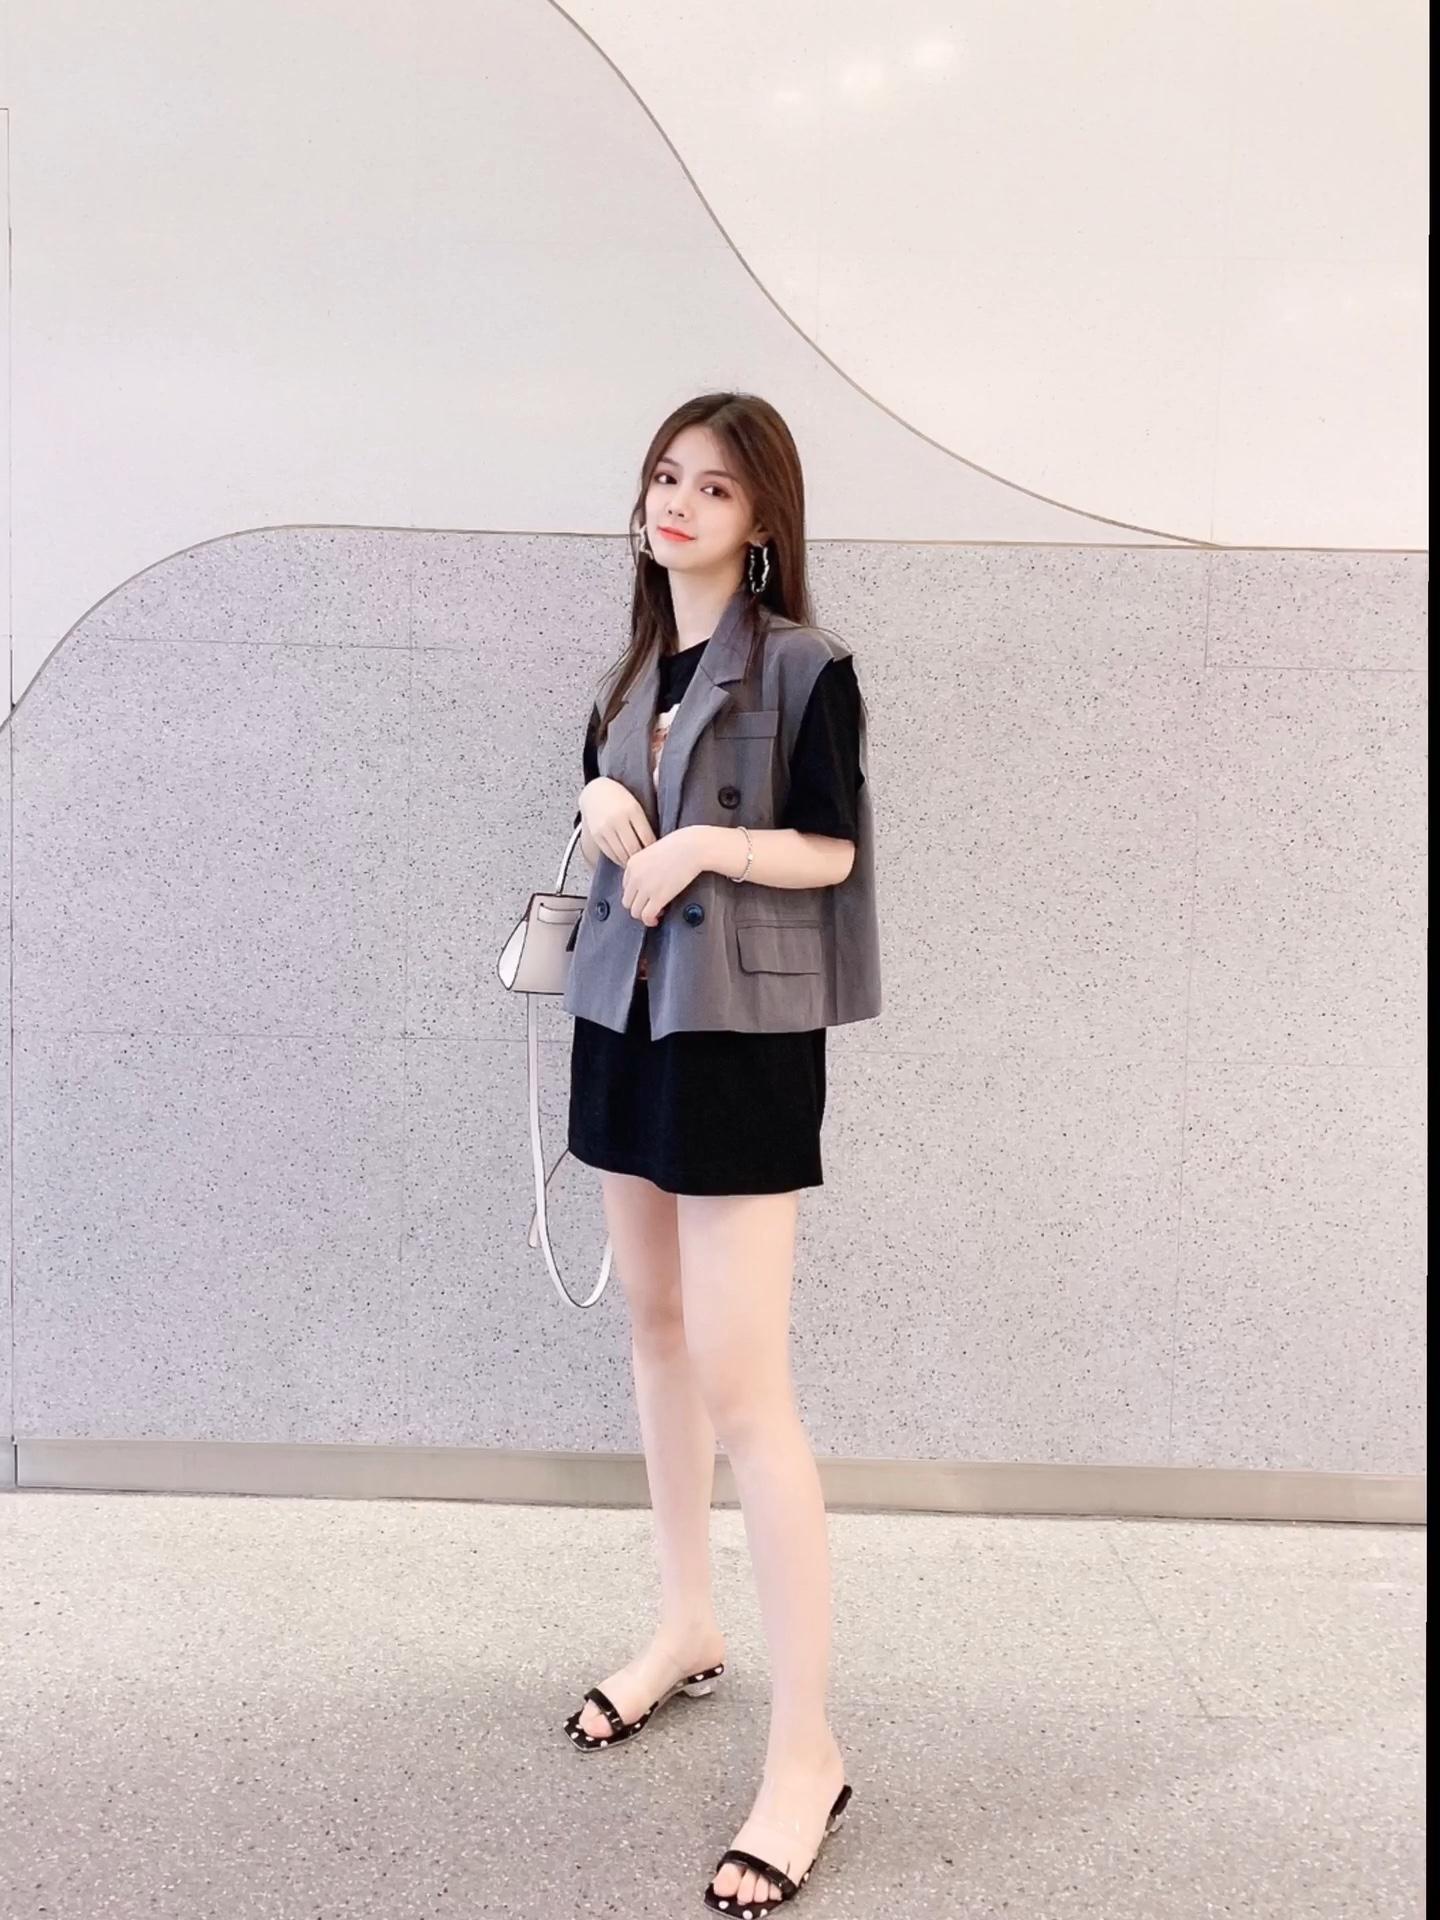 黑色印花t,长度刚好当连衣裙穿 搭配短款西装马甲体现层次感 小白包增加搭配亮度不显沉闷 透明波点鞋俏皮可爱 #九头身好比例全靠穿!#